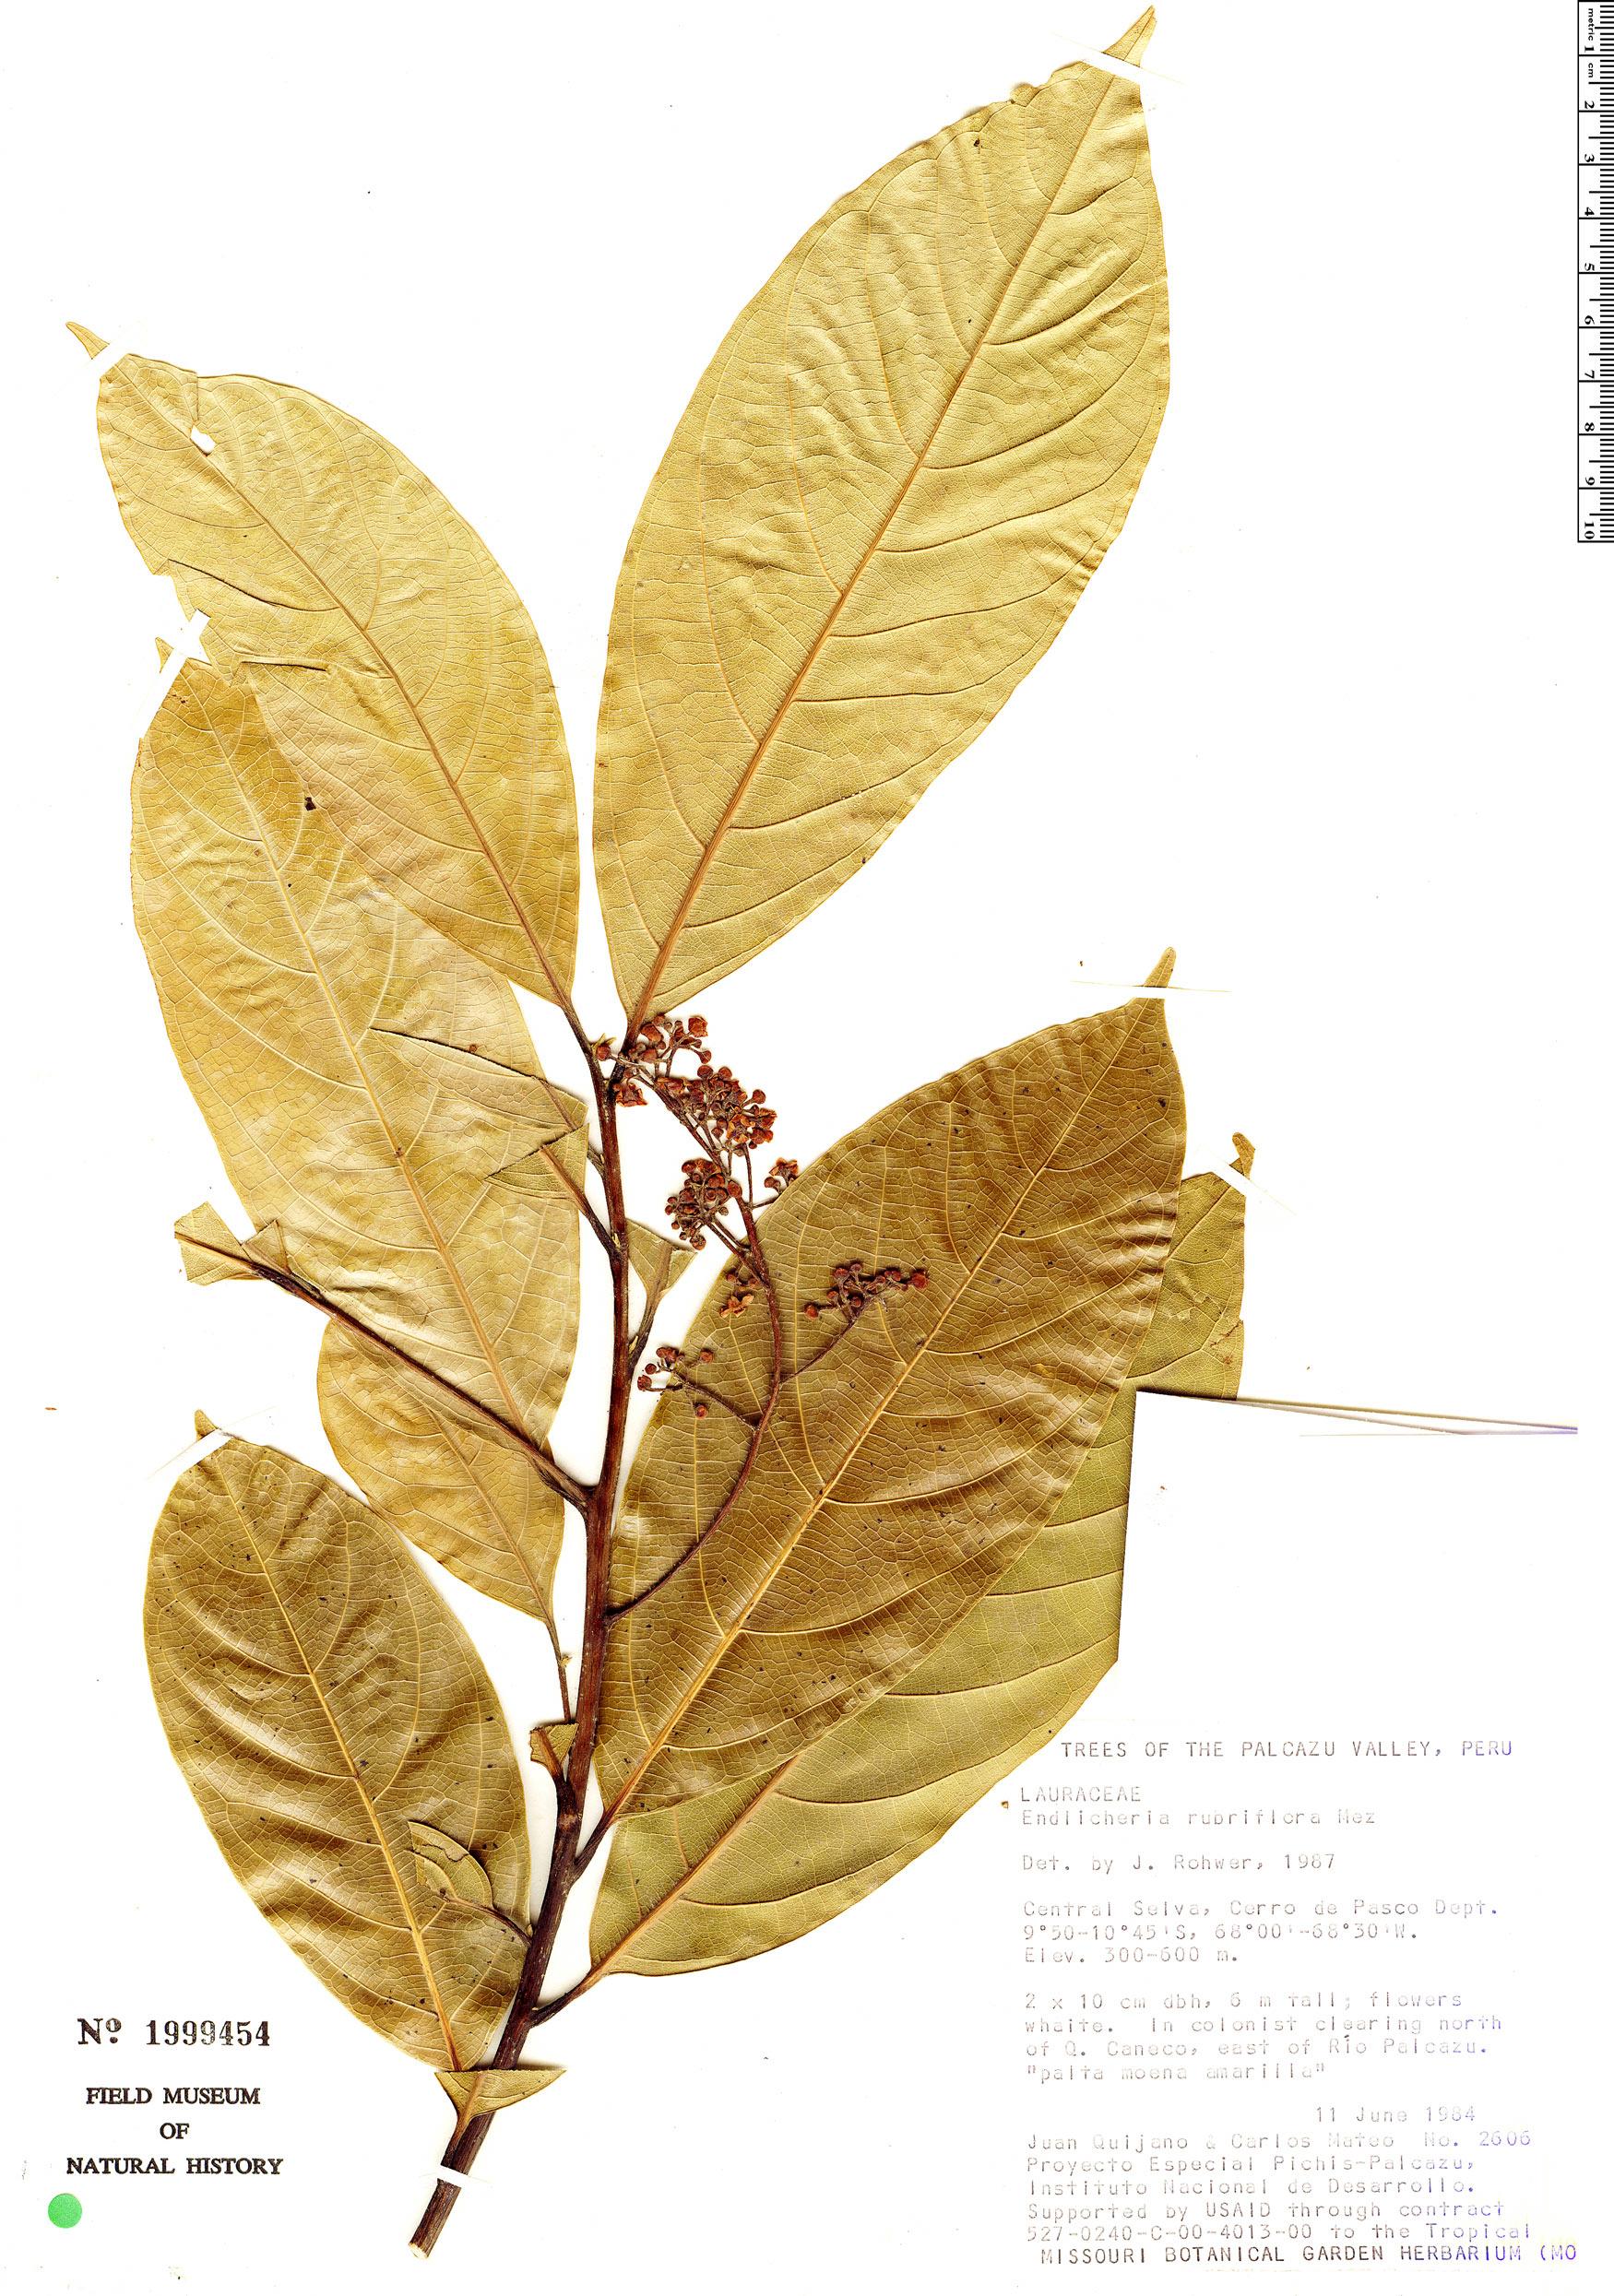 Specimen: Endlicheria rubriflora